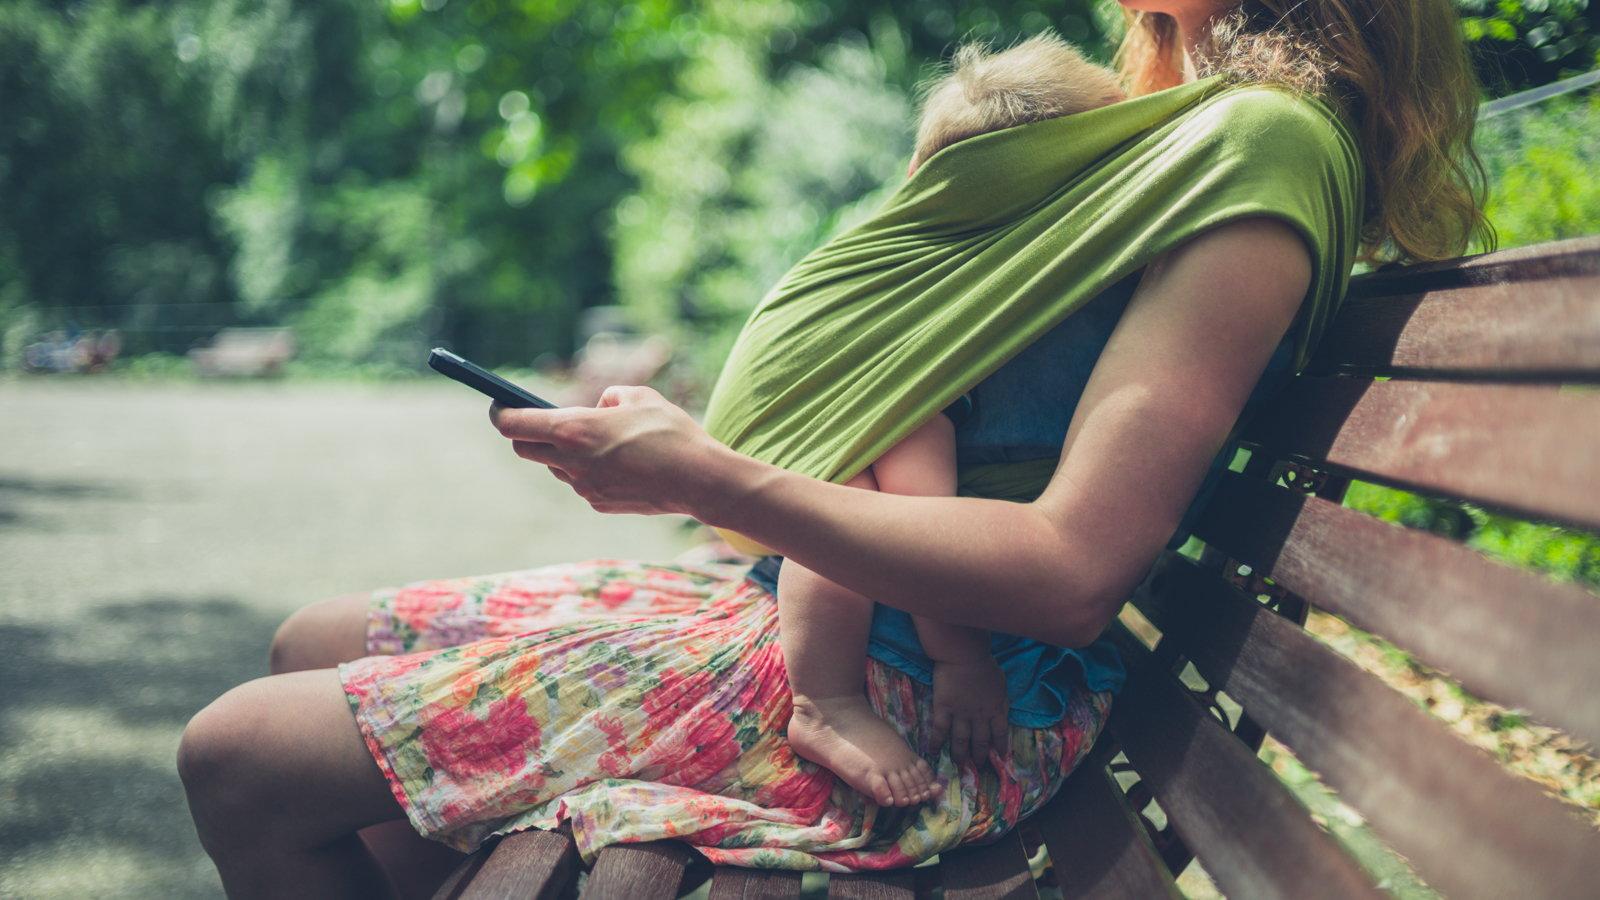 babywearing mom at park using phone